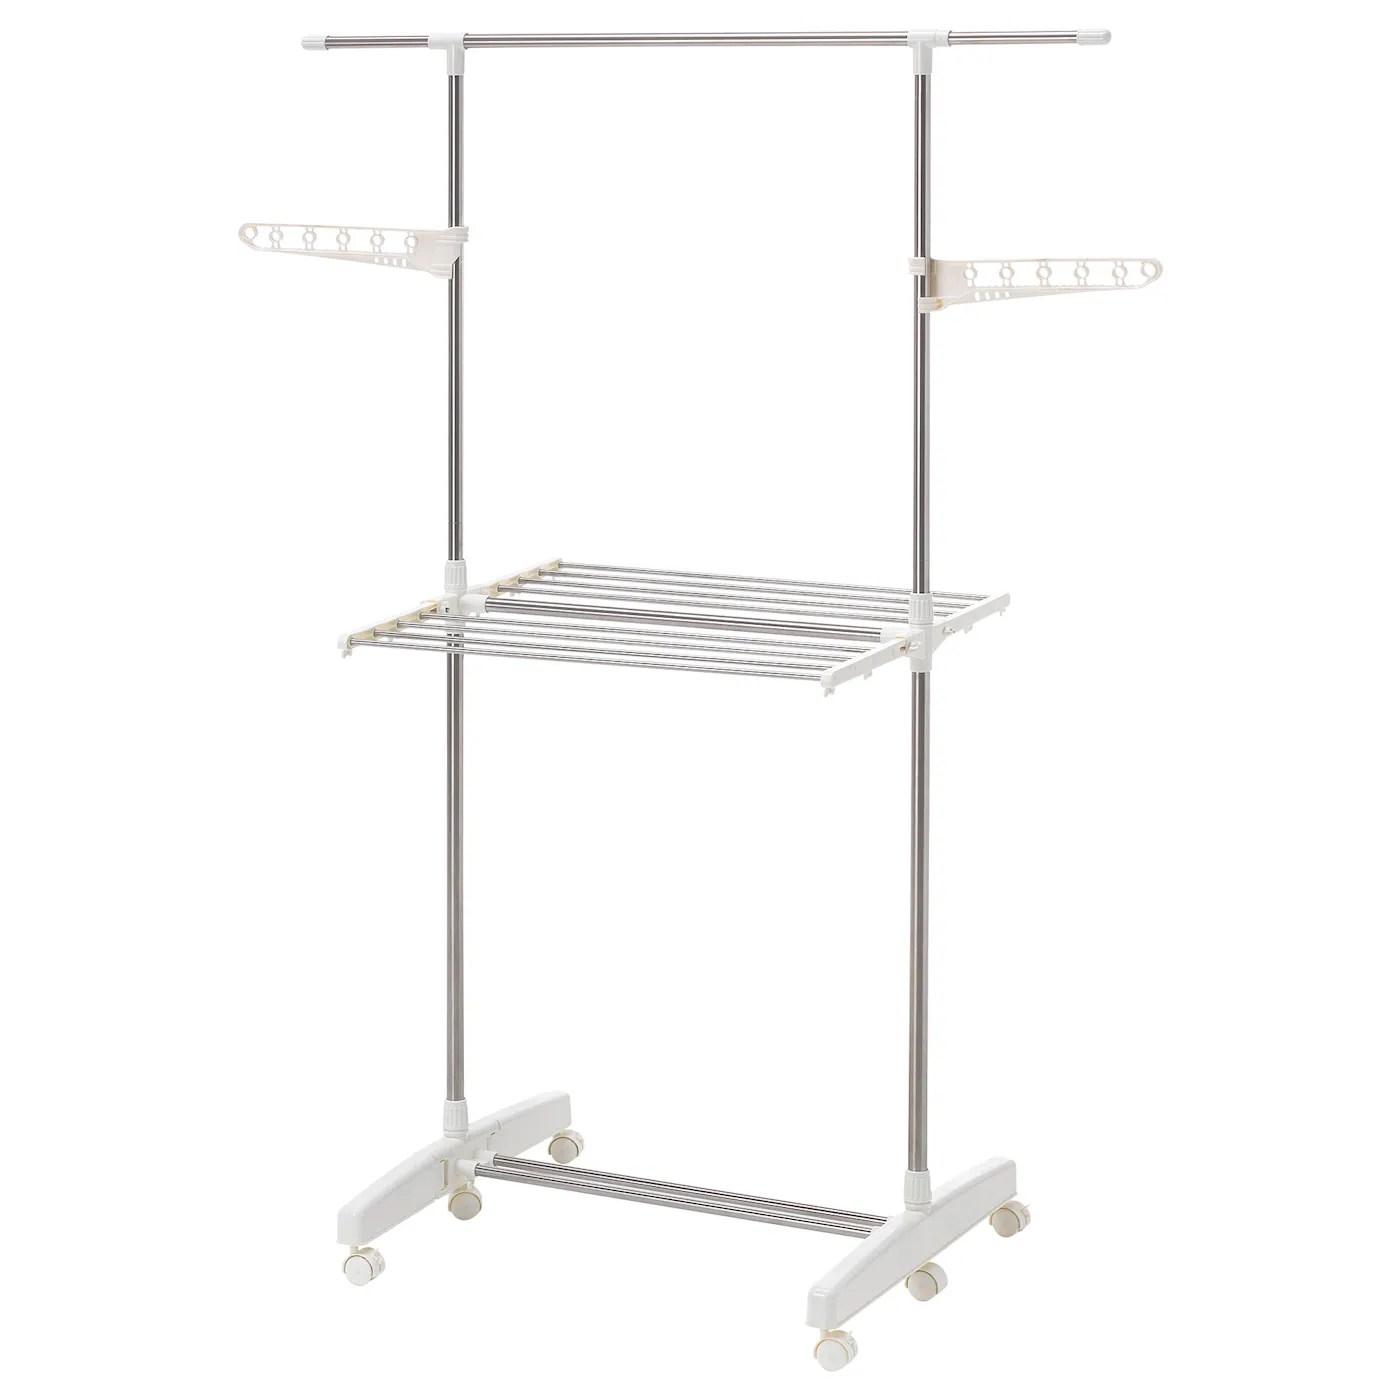 purkla drying rack 2 levels white